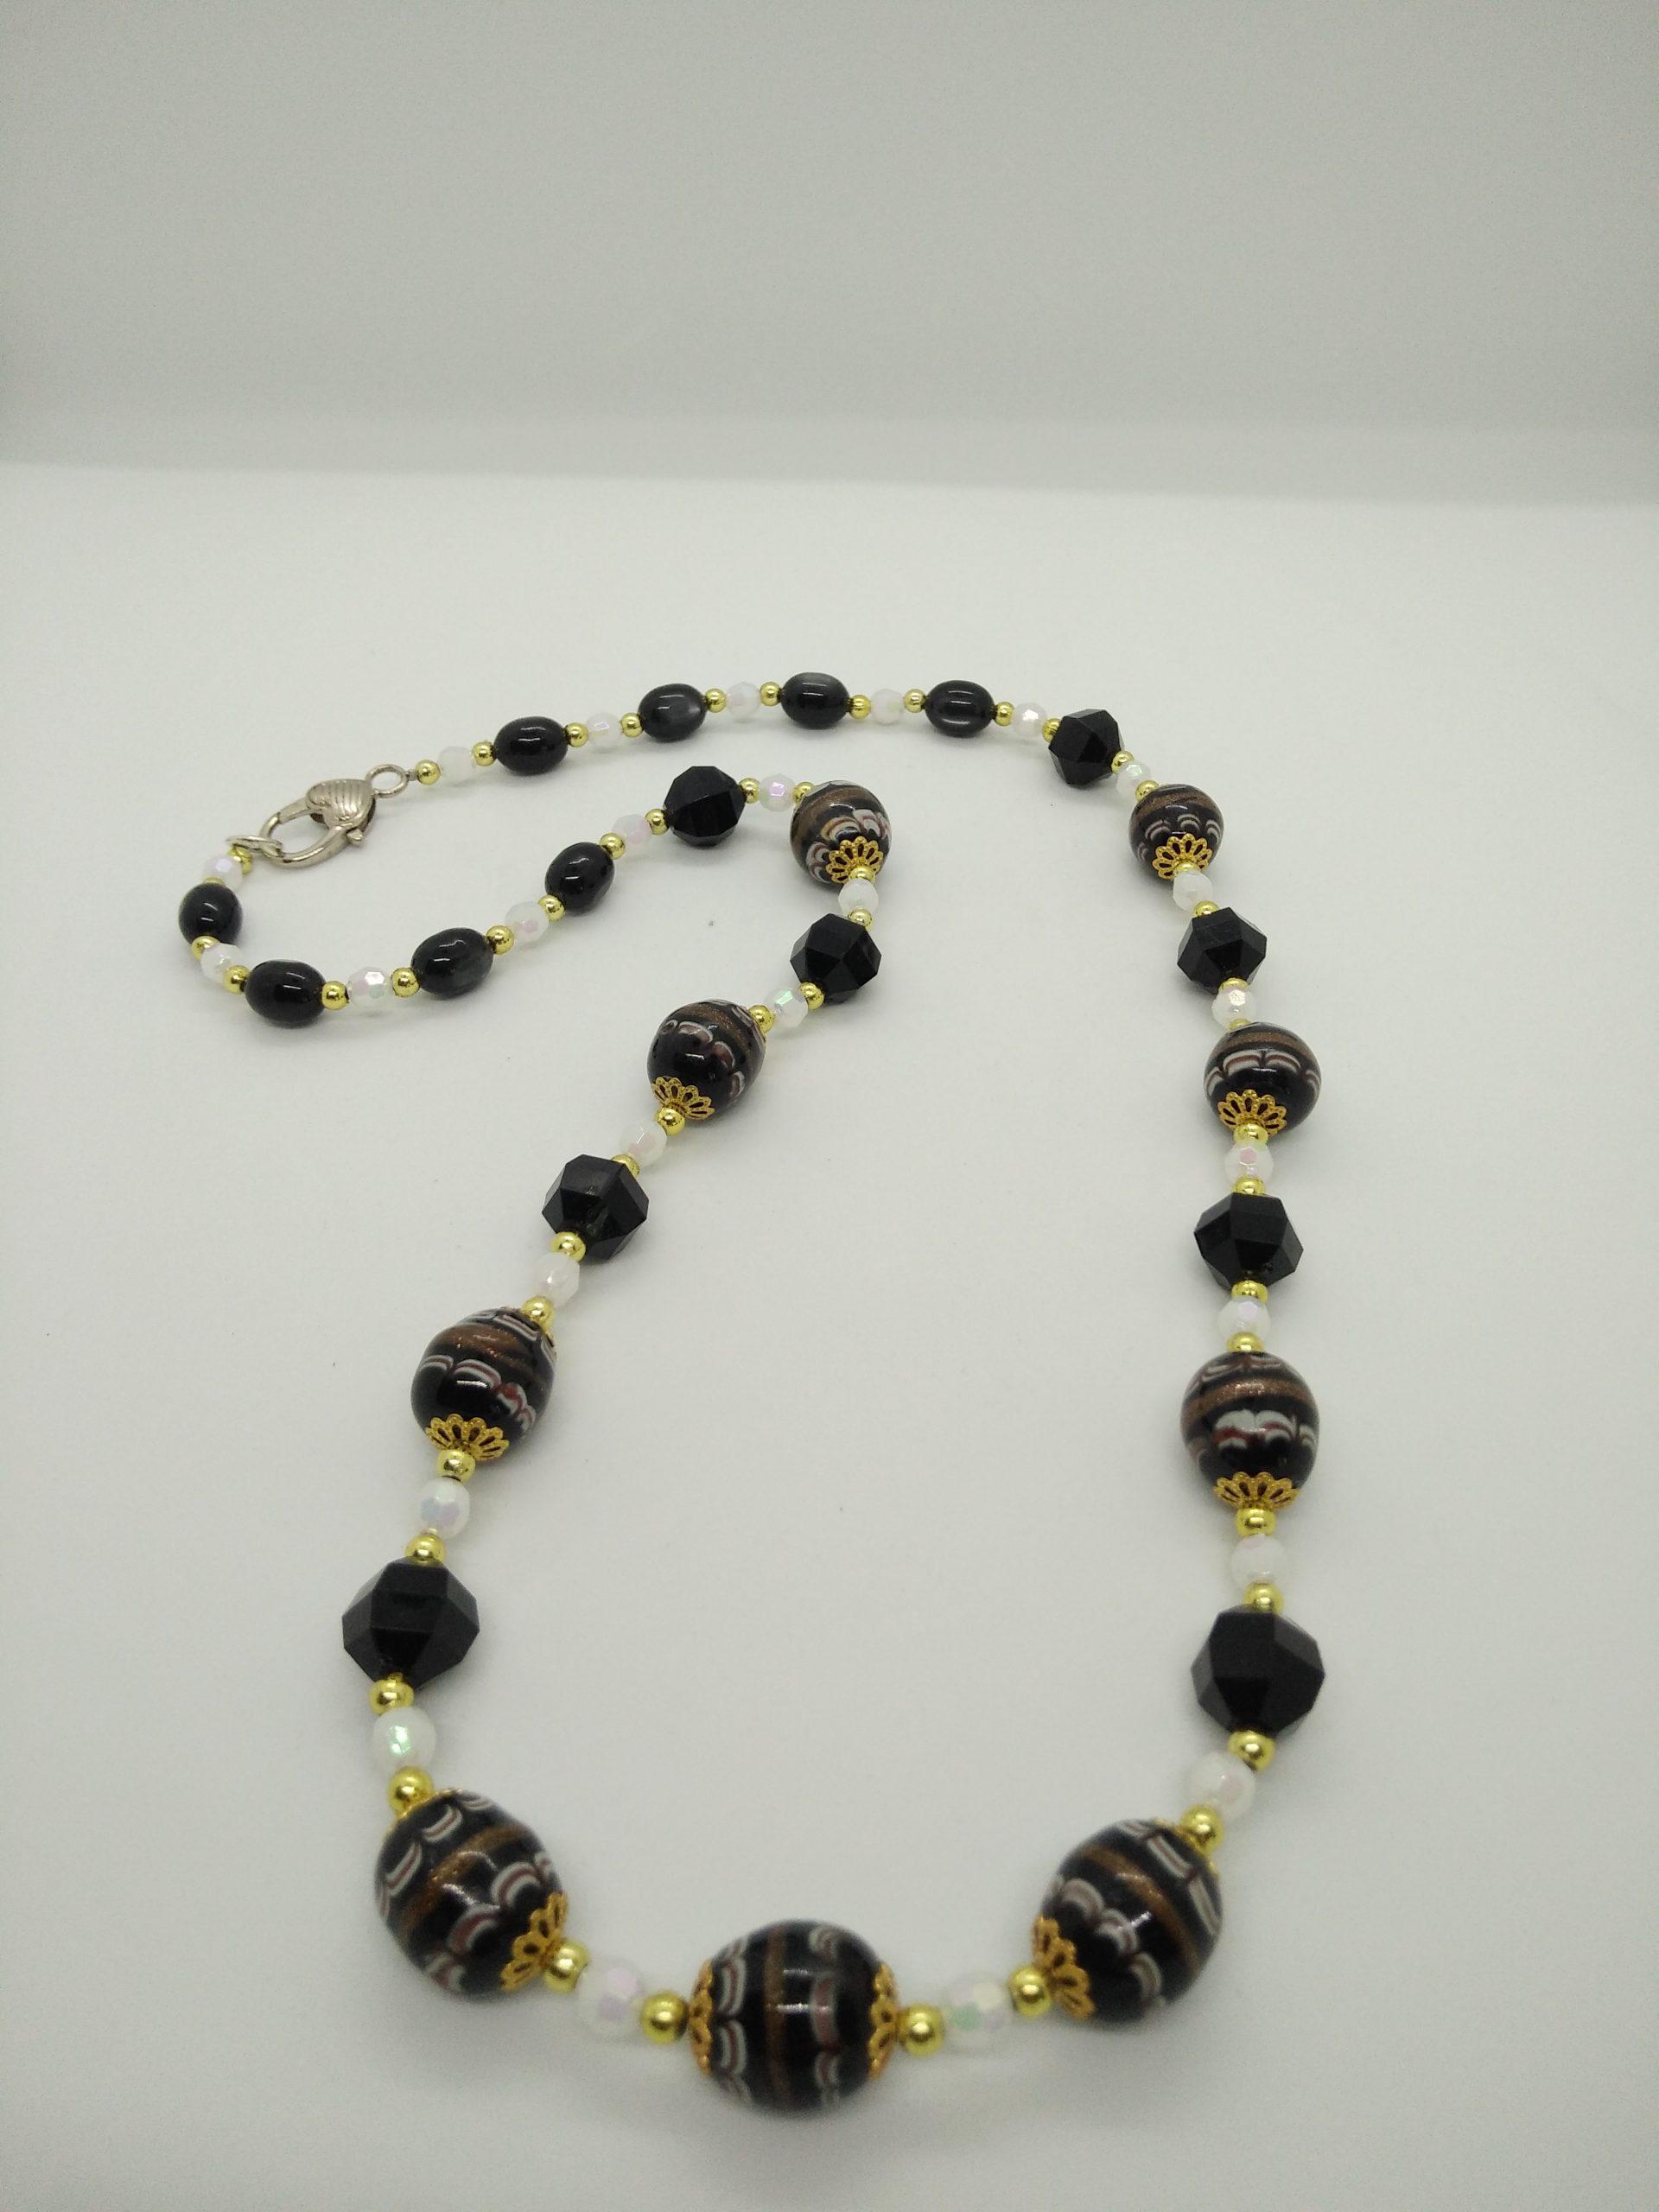 Stone beads Neklace